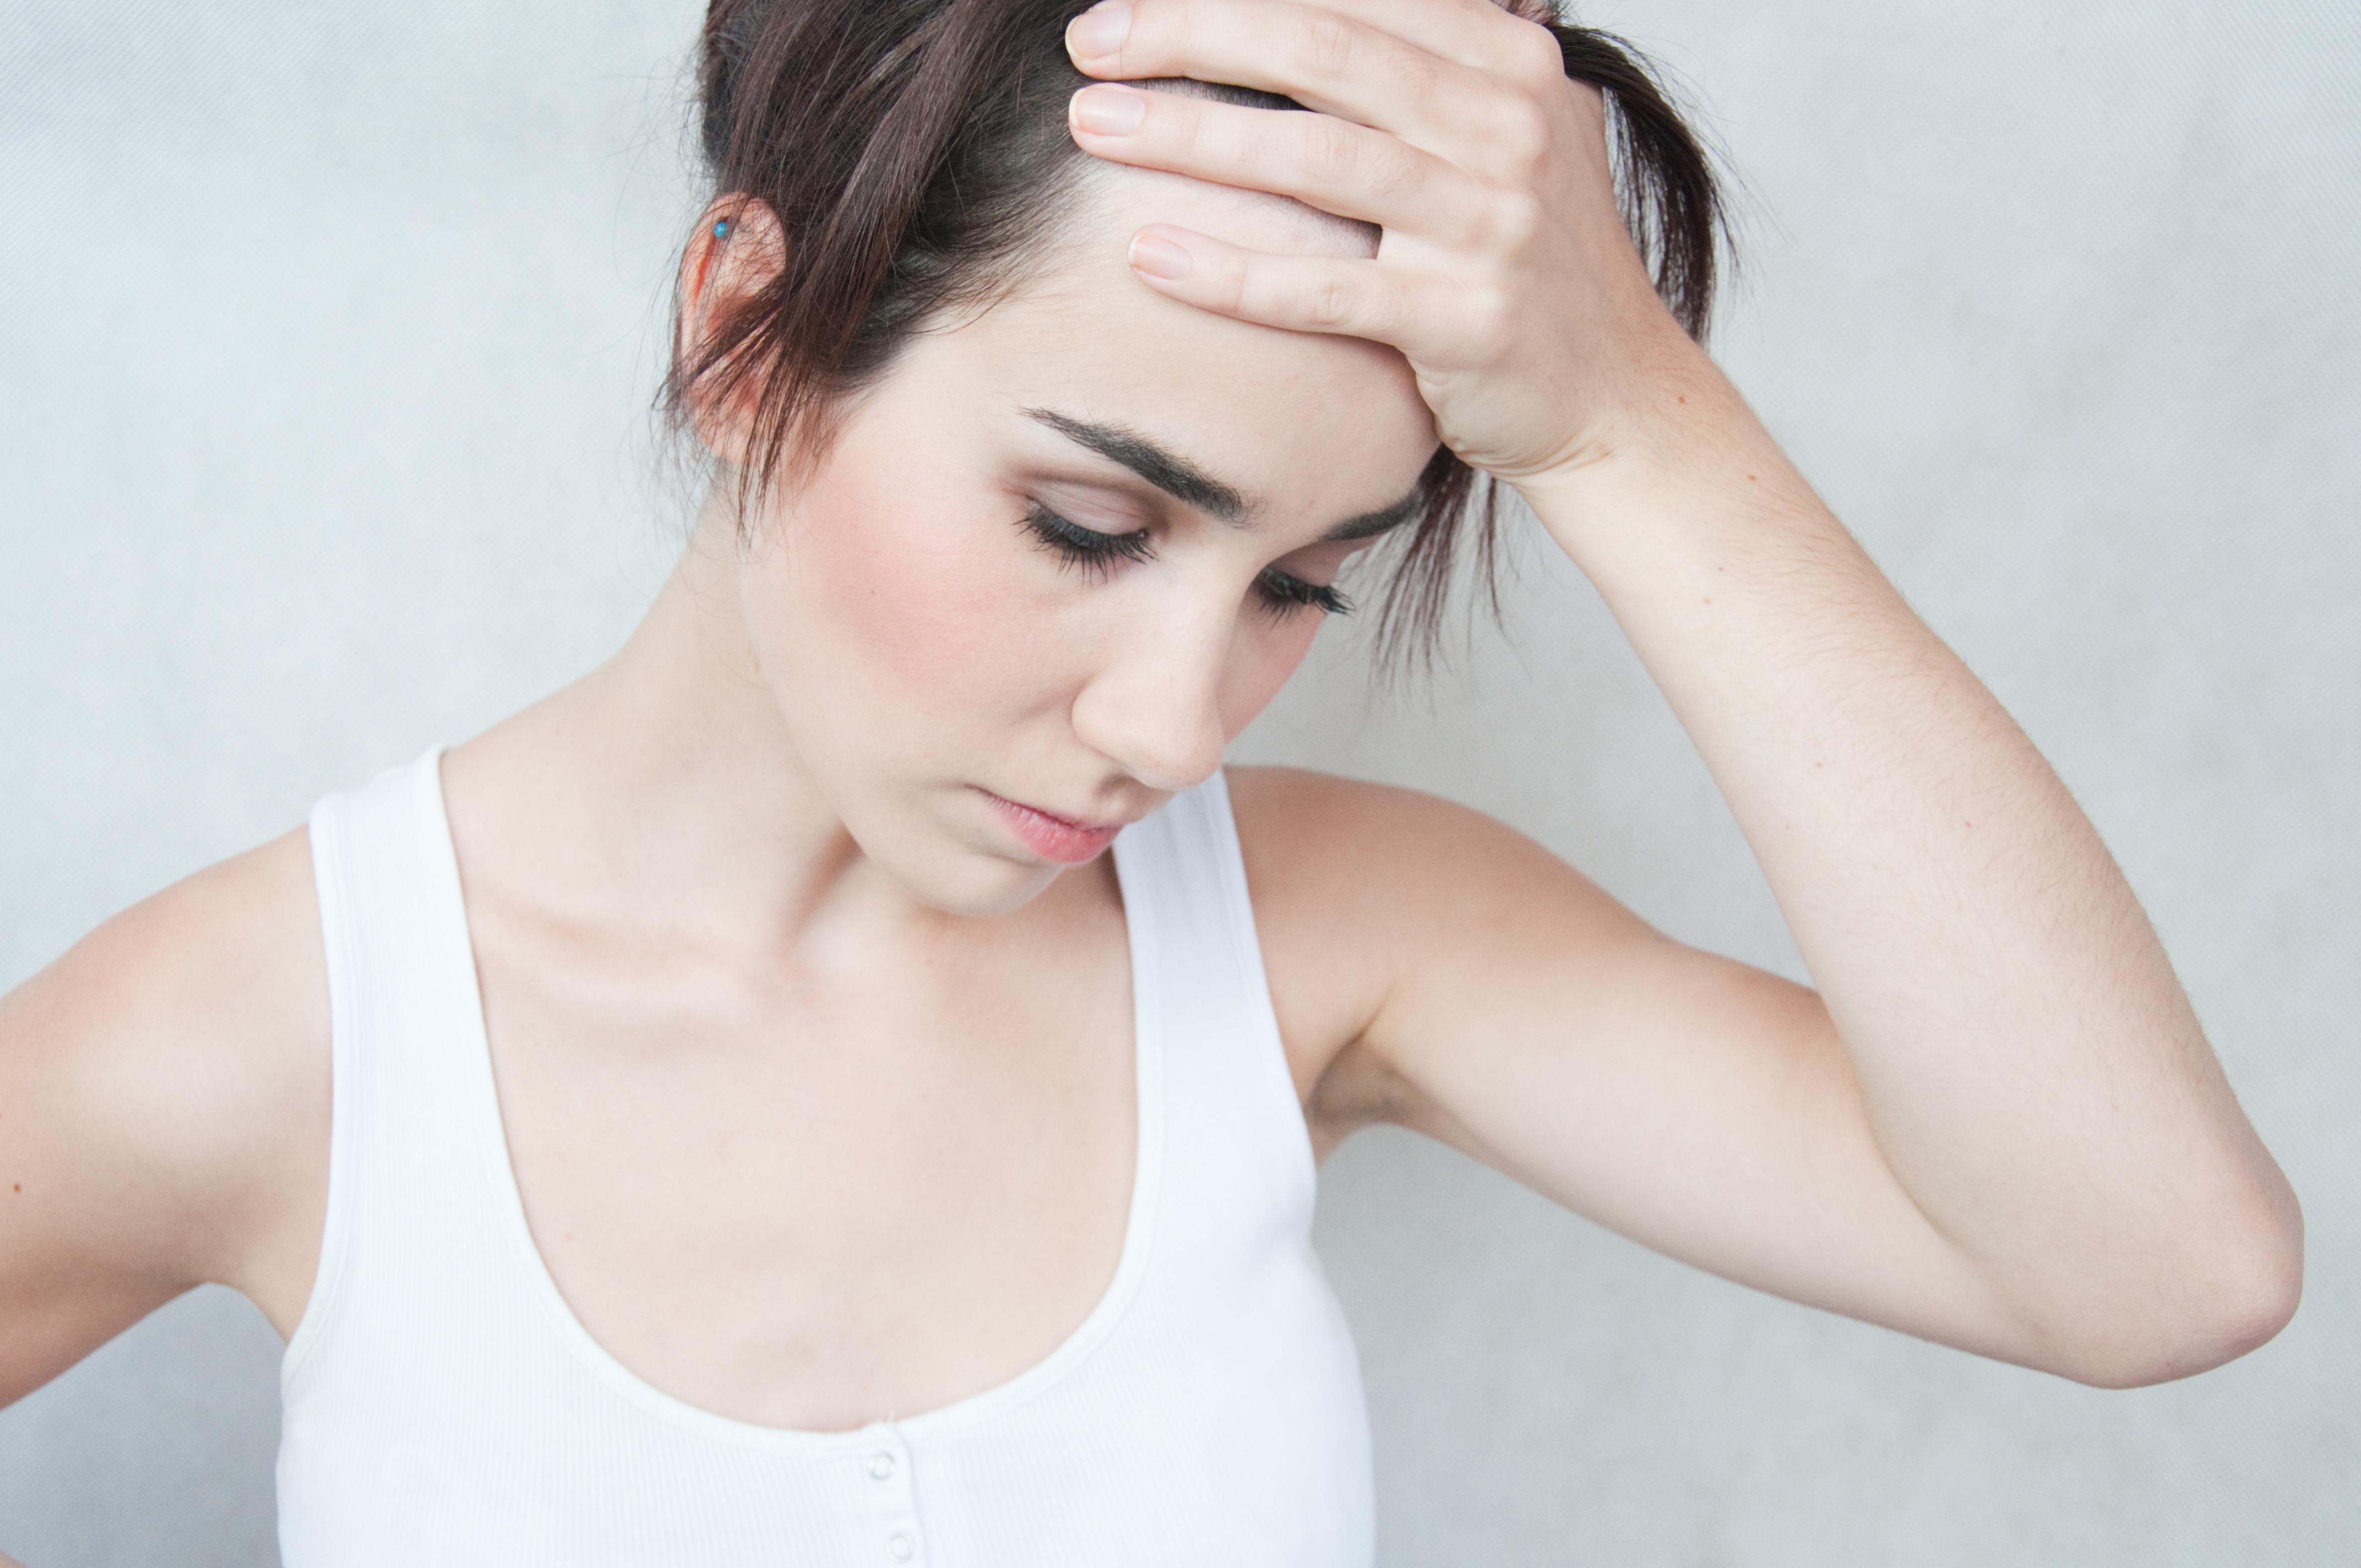 För en del kvinnor är mensen en hårresande upplevelse för kropp som själ.